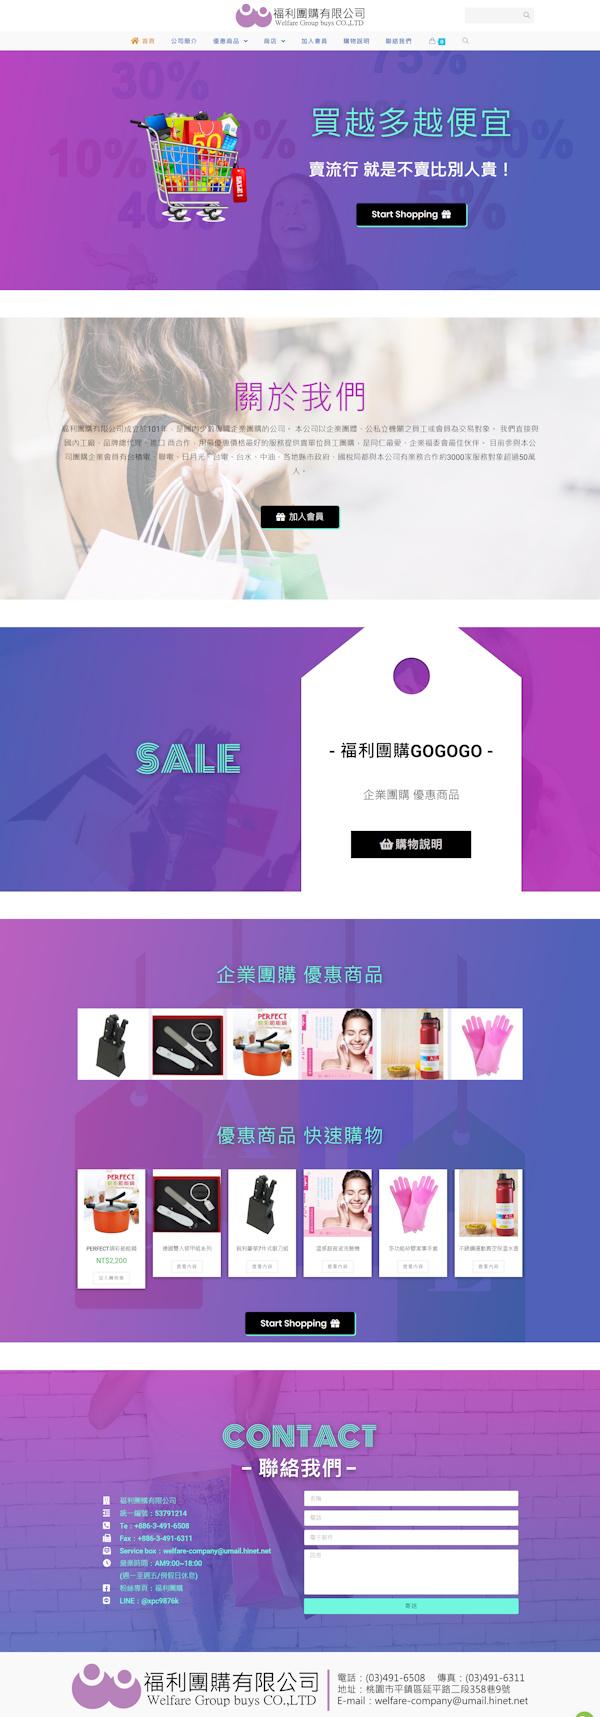 網頁設計-企業團購-2